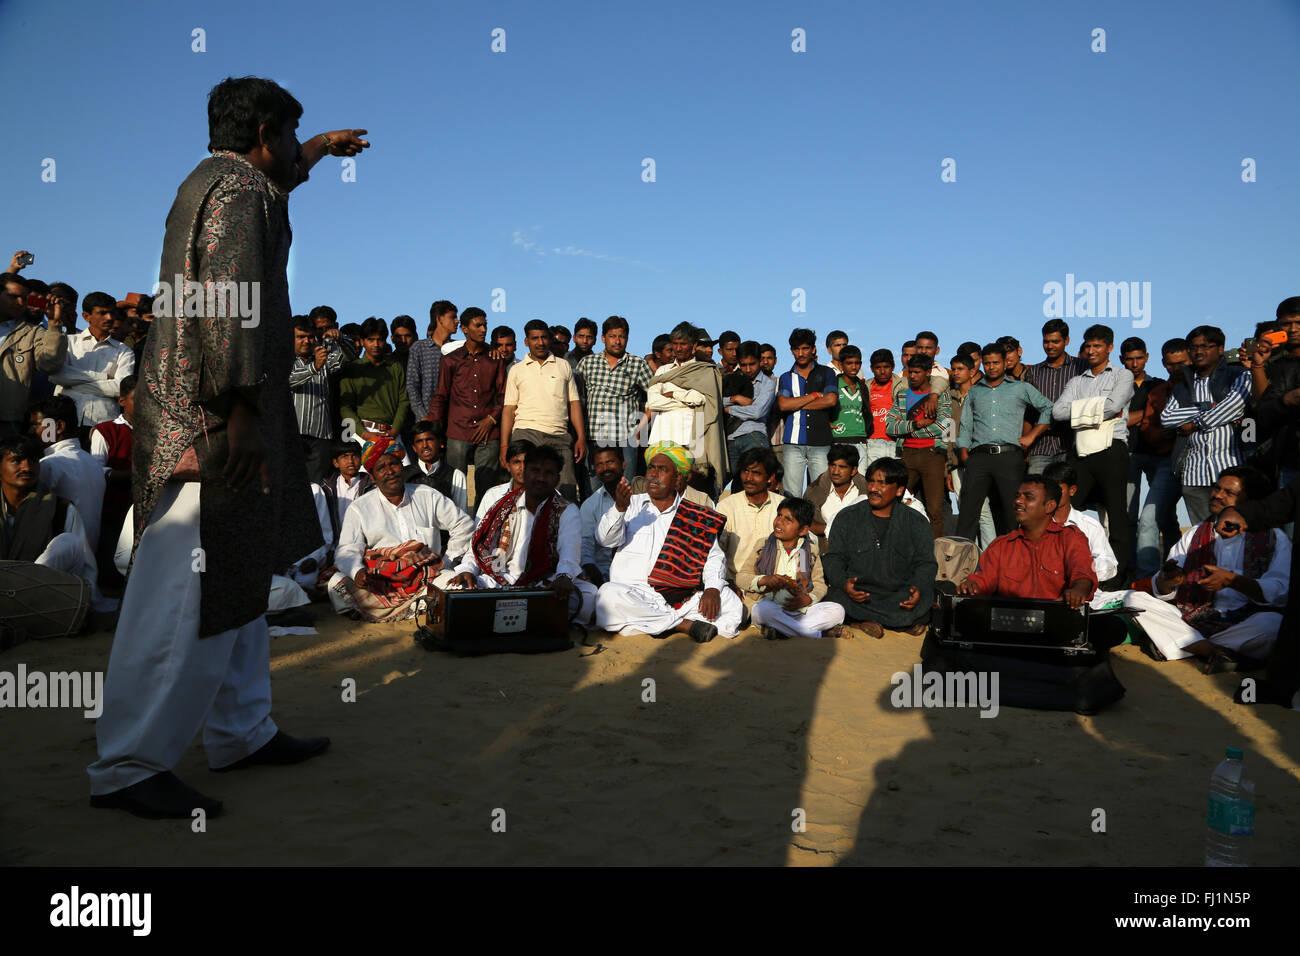 Musicisti di suonare brani di musica tradizionale nel deserto di Thar vicino a Jaisalmer , Rajasthan, India Immagini Stock